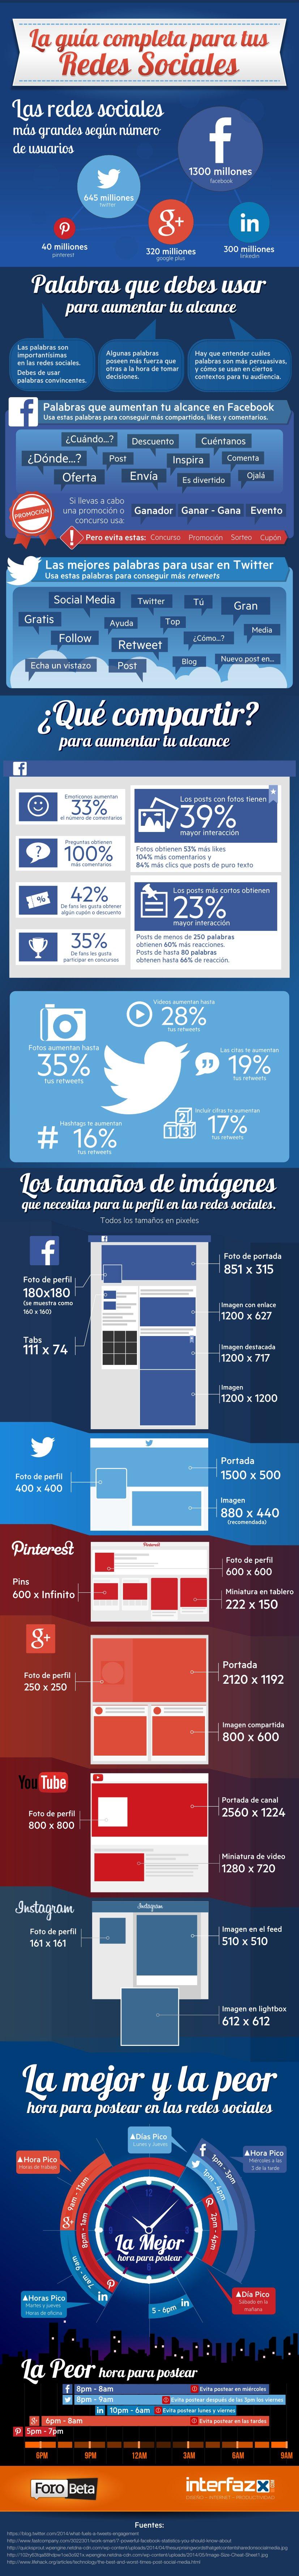 infografia-guia-completa-redes-sociales